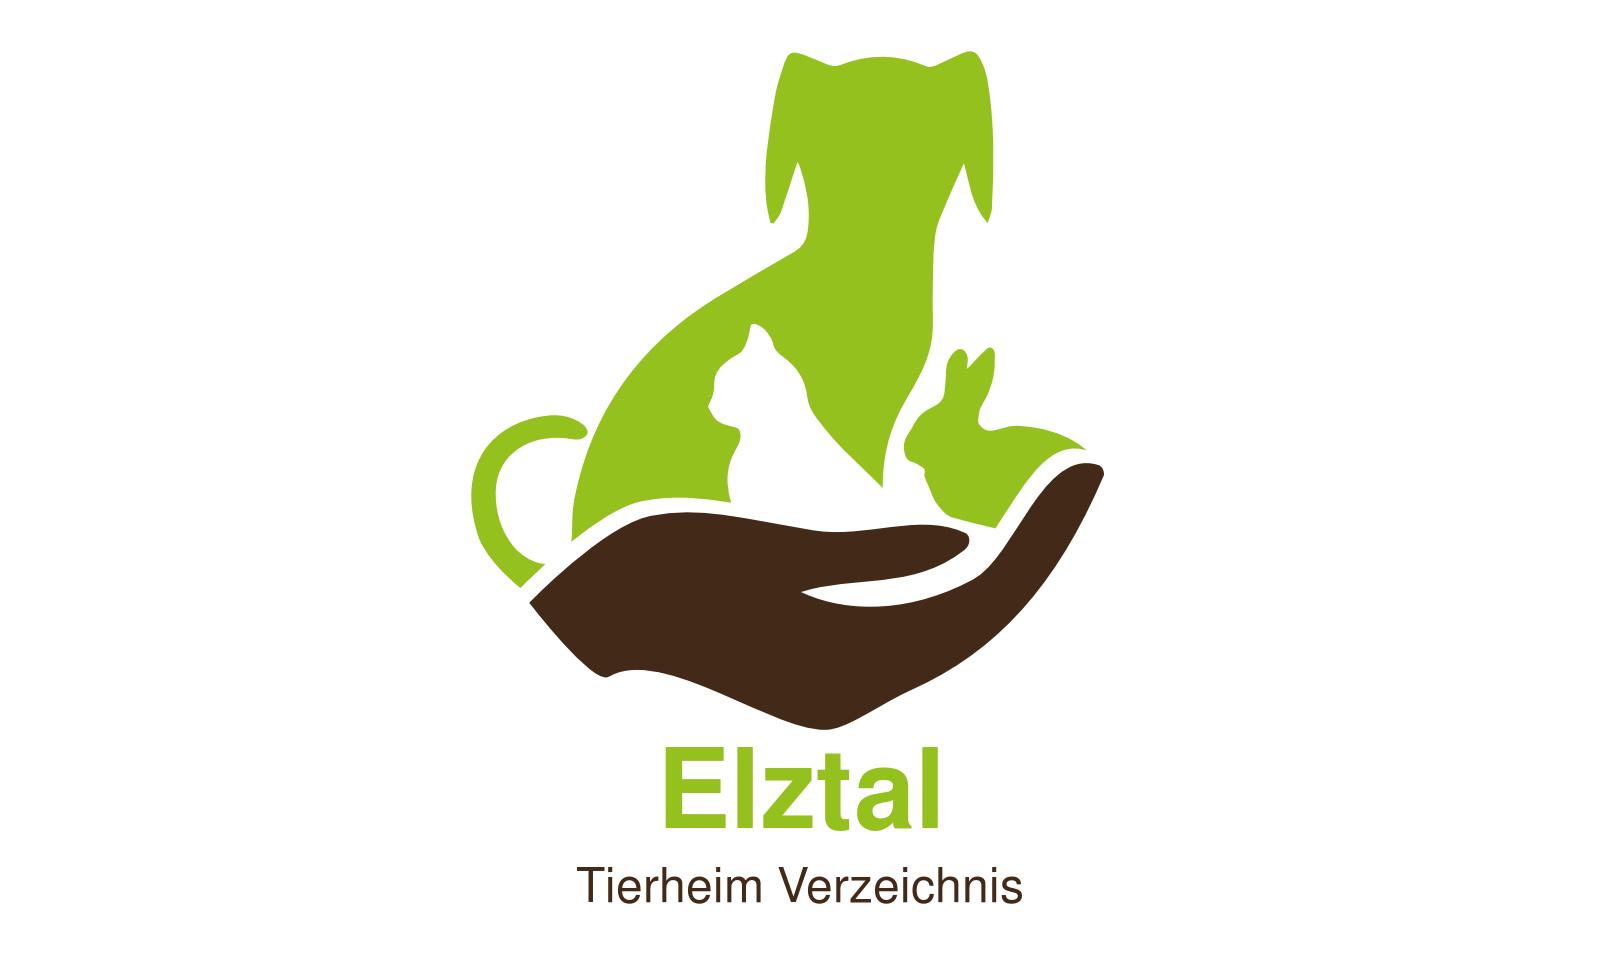 Tierheim Elztal